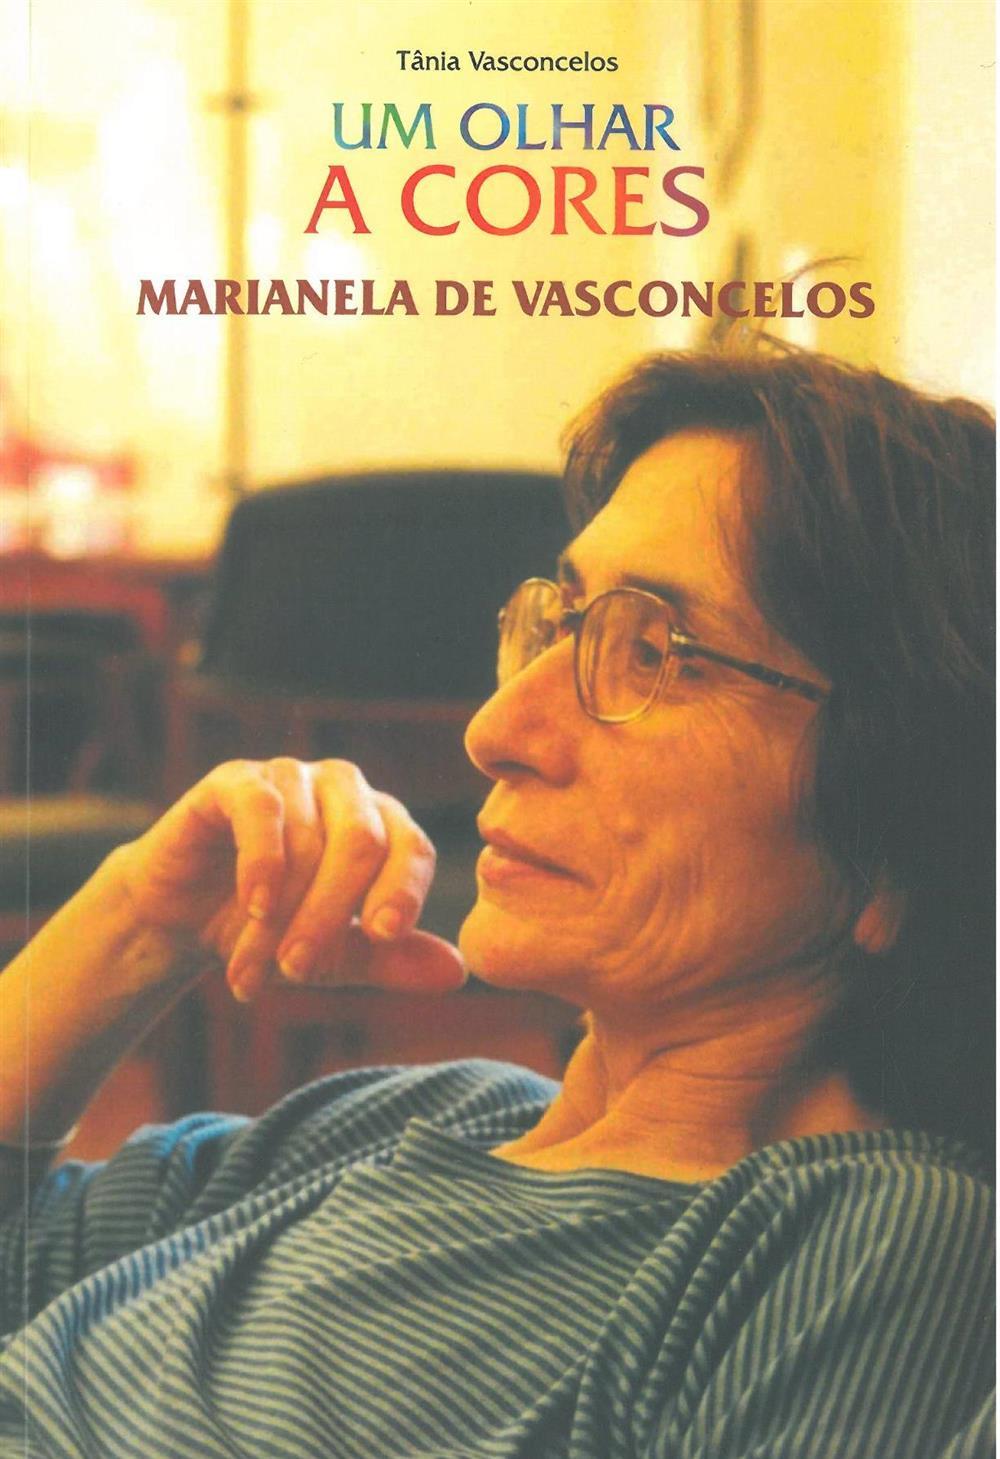 Marianela de Vasconcelos : um olhar a cores_.jpg